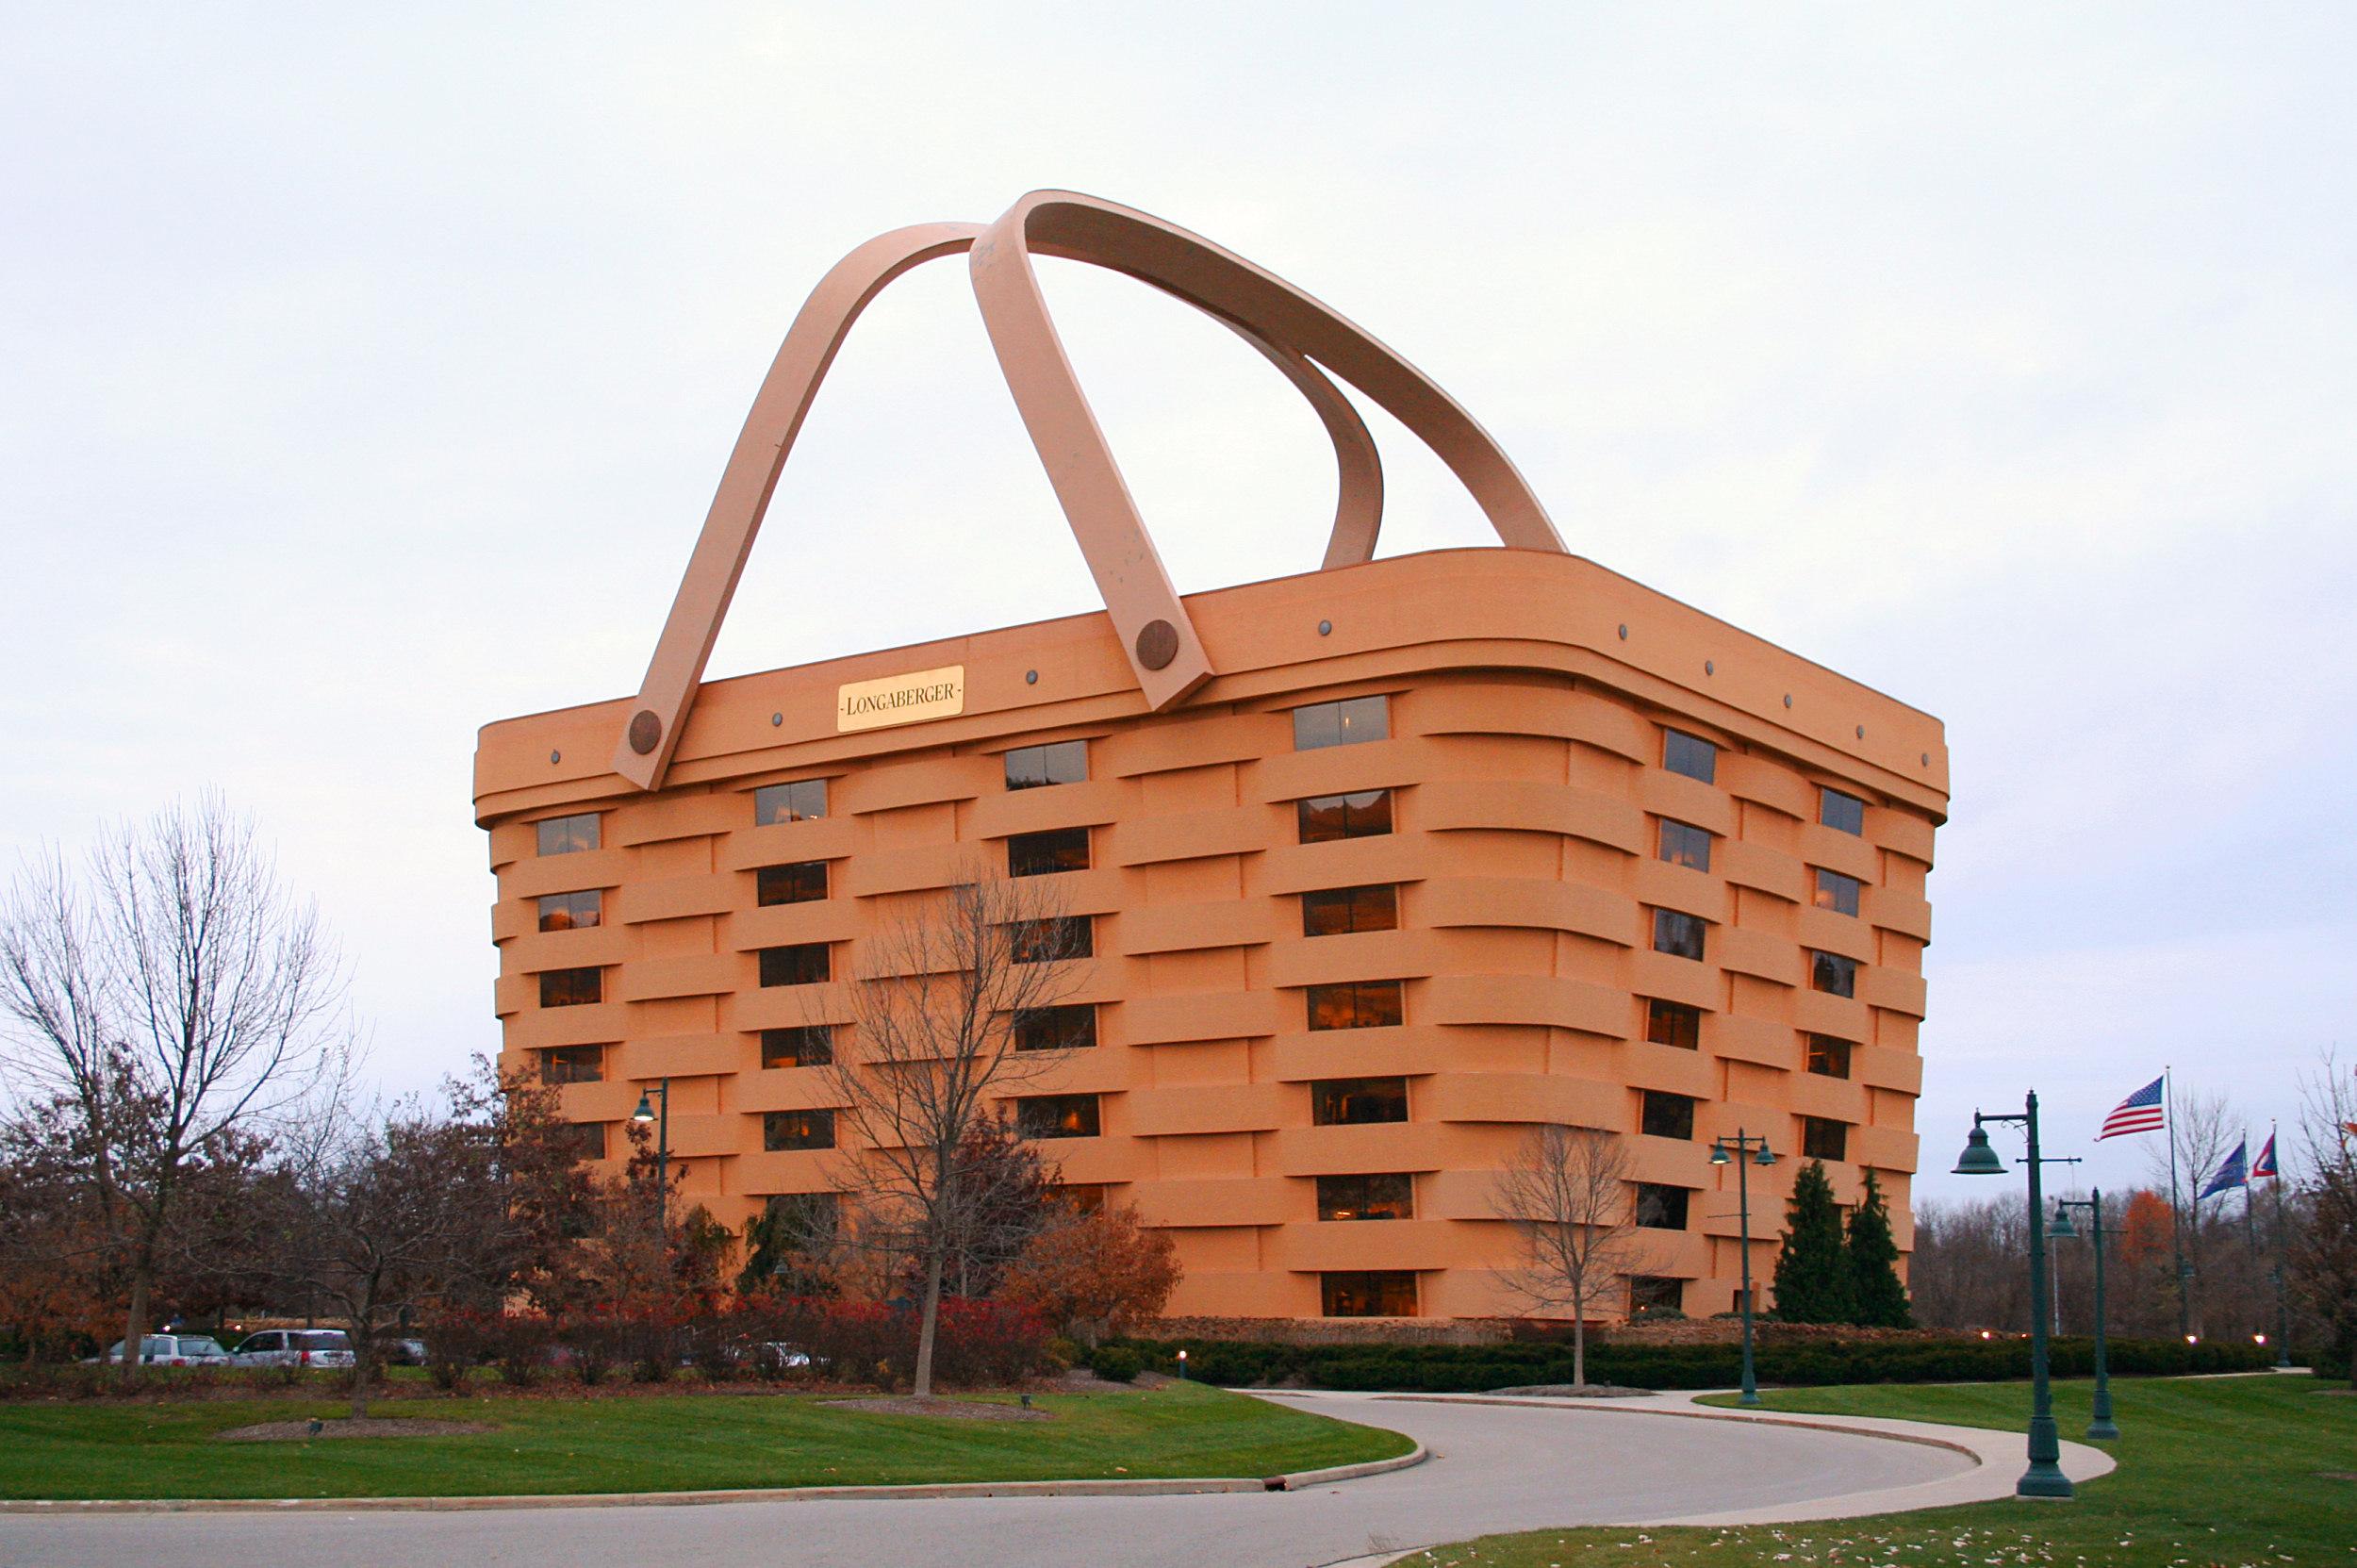 Description Newark-ohio-longaberger-headquarters-front.jpg